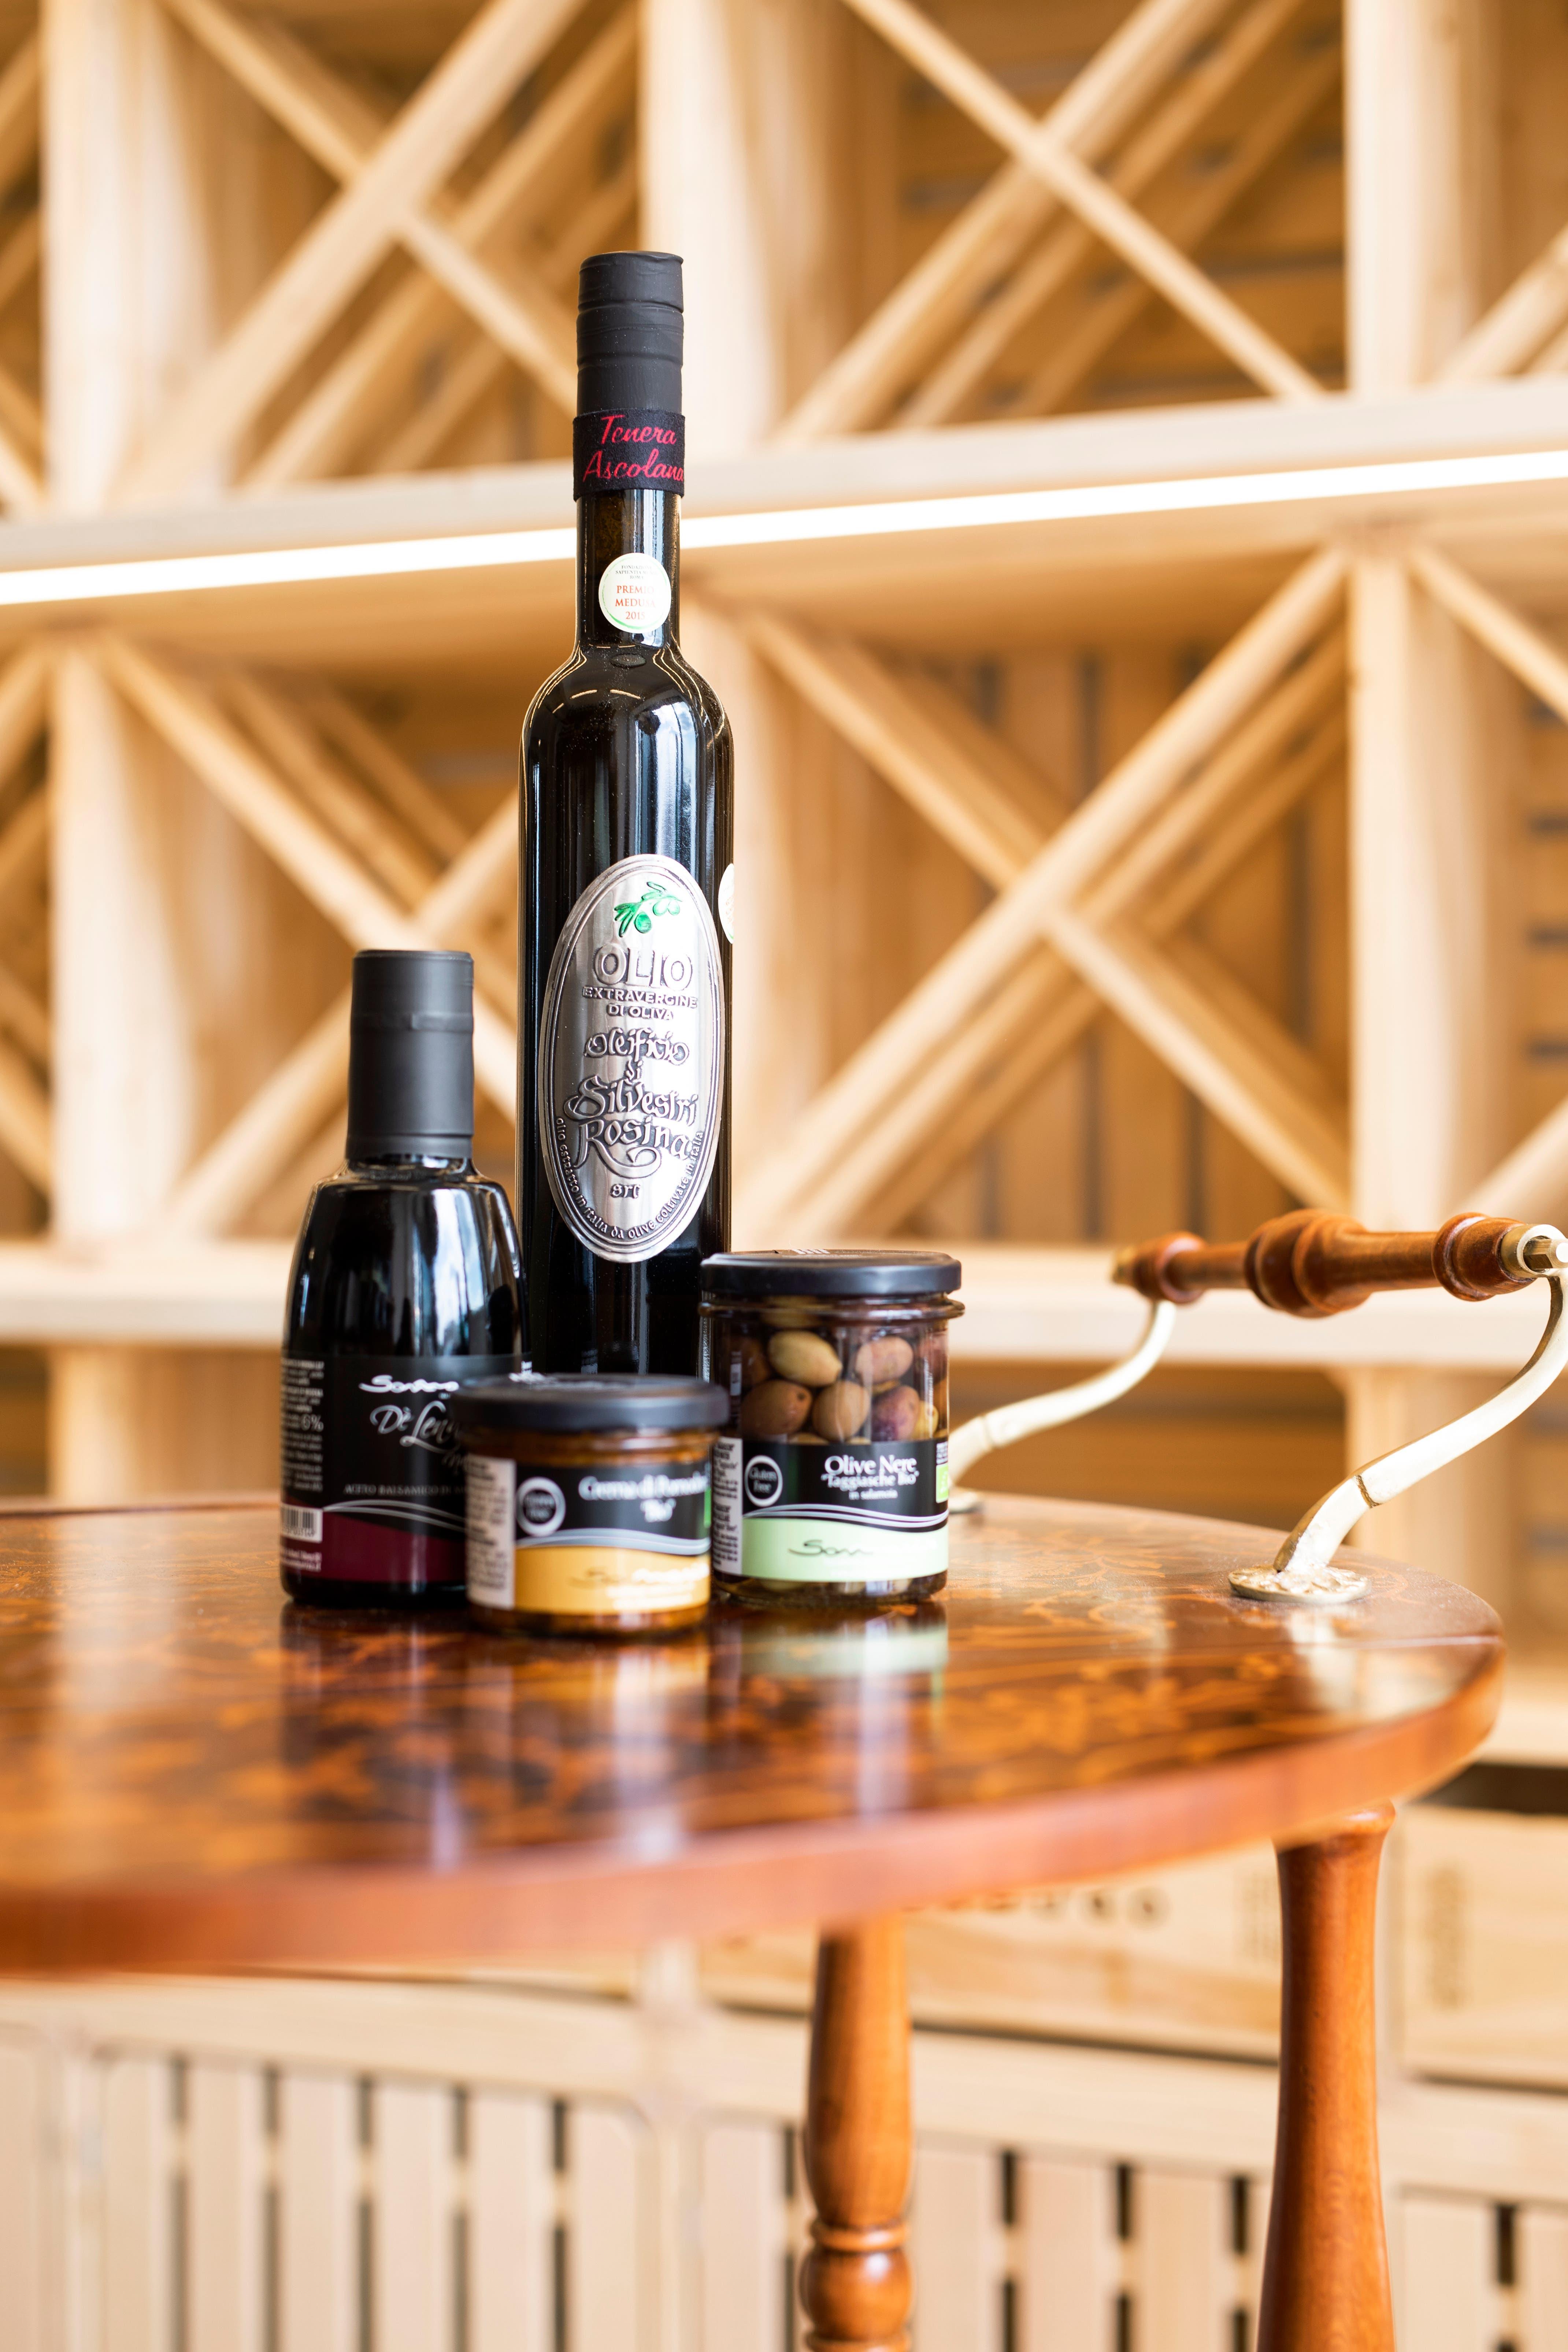 Neben ungarischen und anderen europäischen Weinen bietet Kézdi auch Groumetprodukte an.